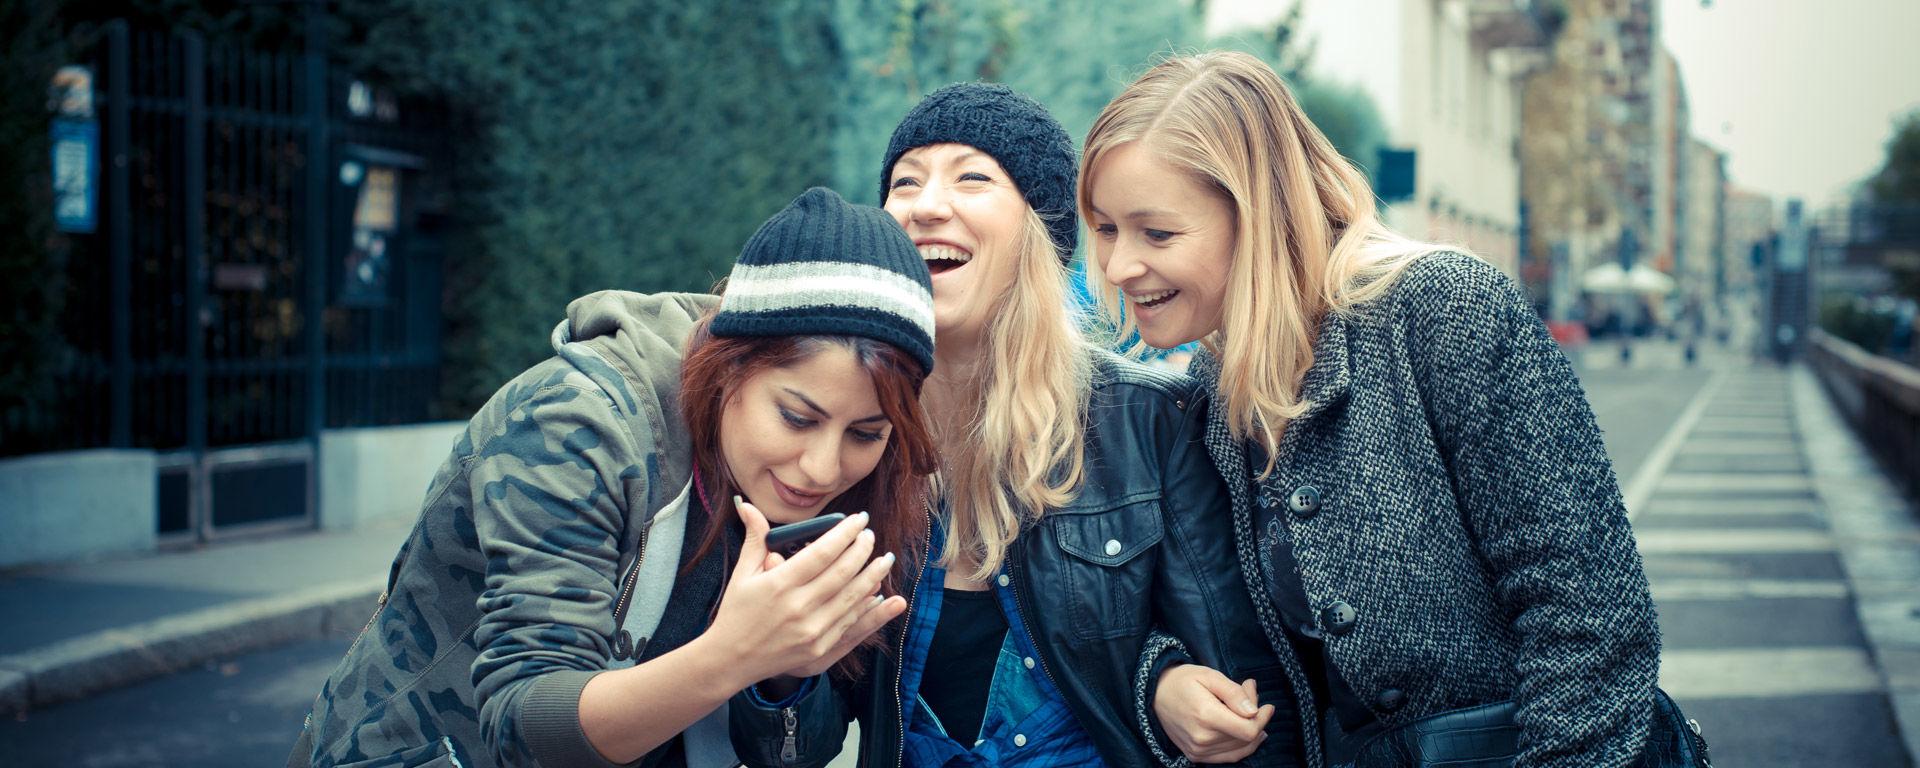 Hyväkysymys.fi erbjuder kunskap och stöd för unga.